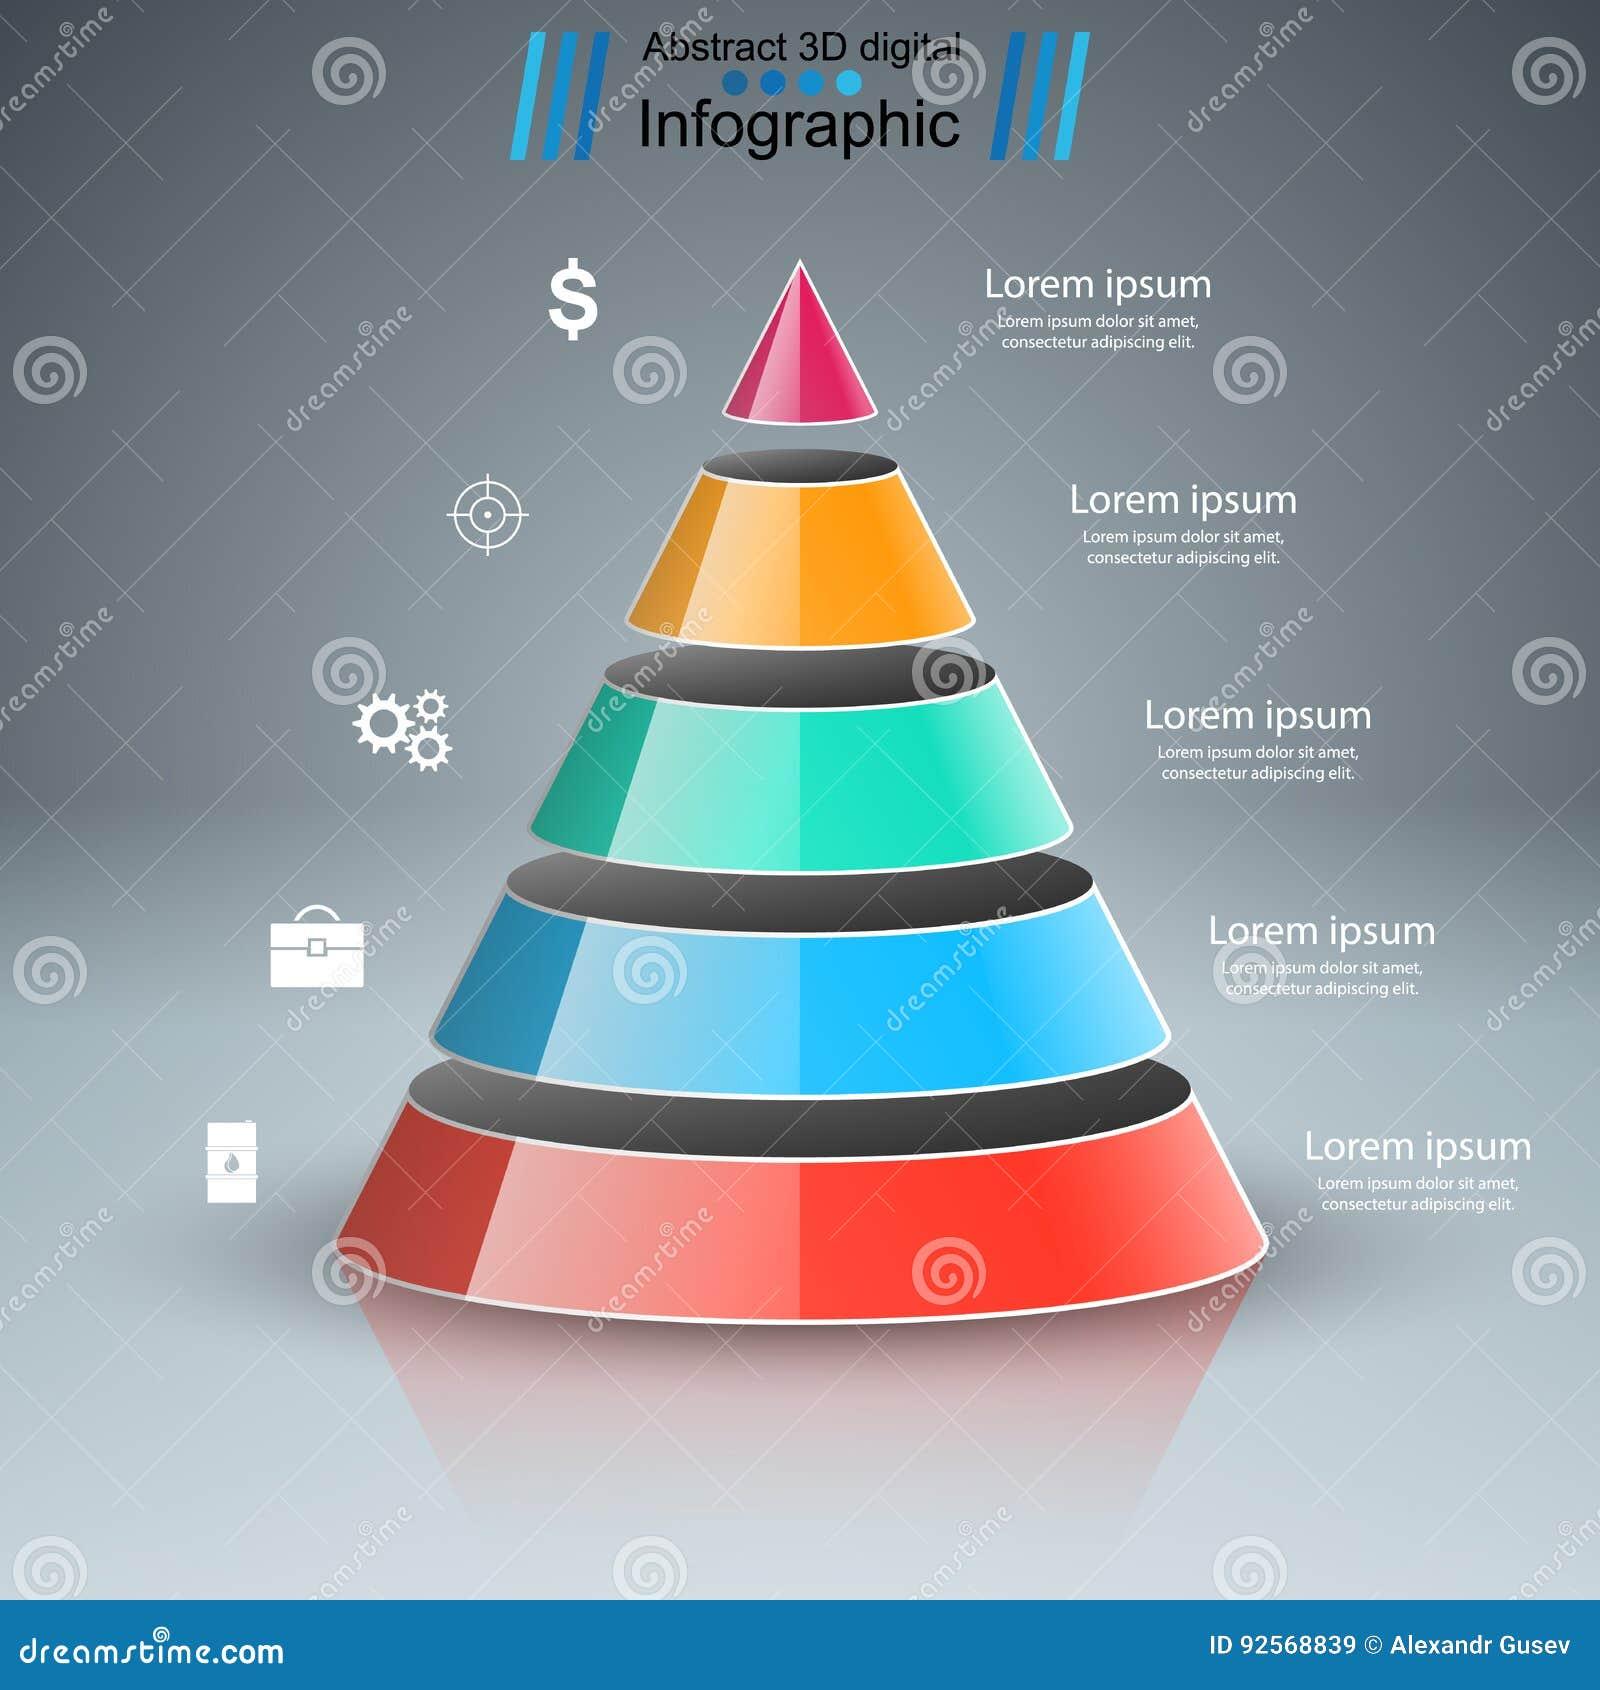 3D illustrazione digitale astratta Infographic